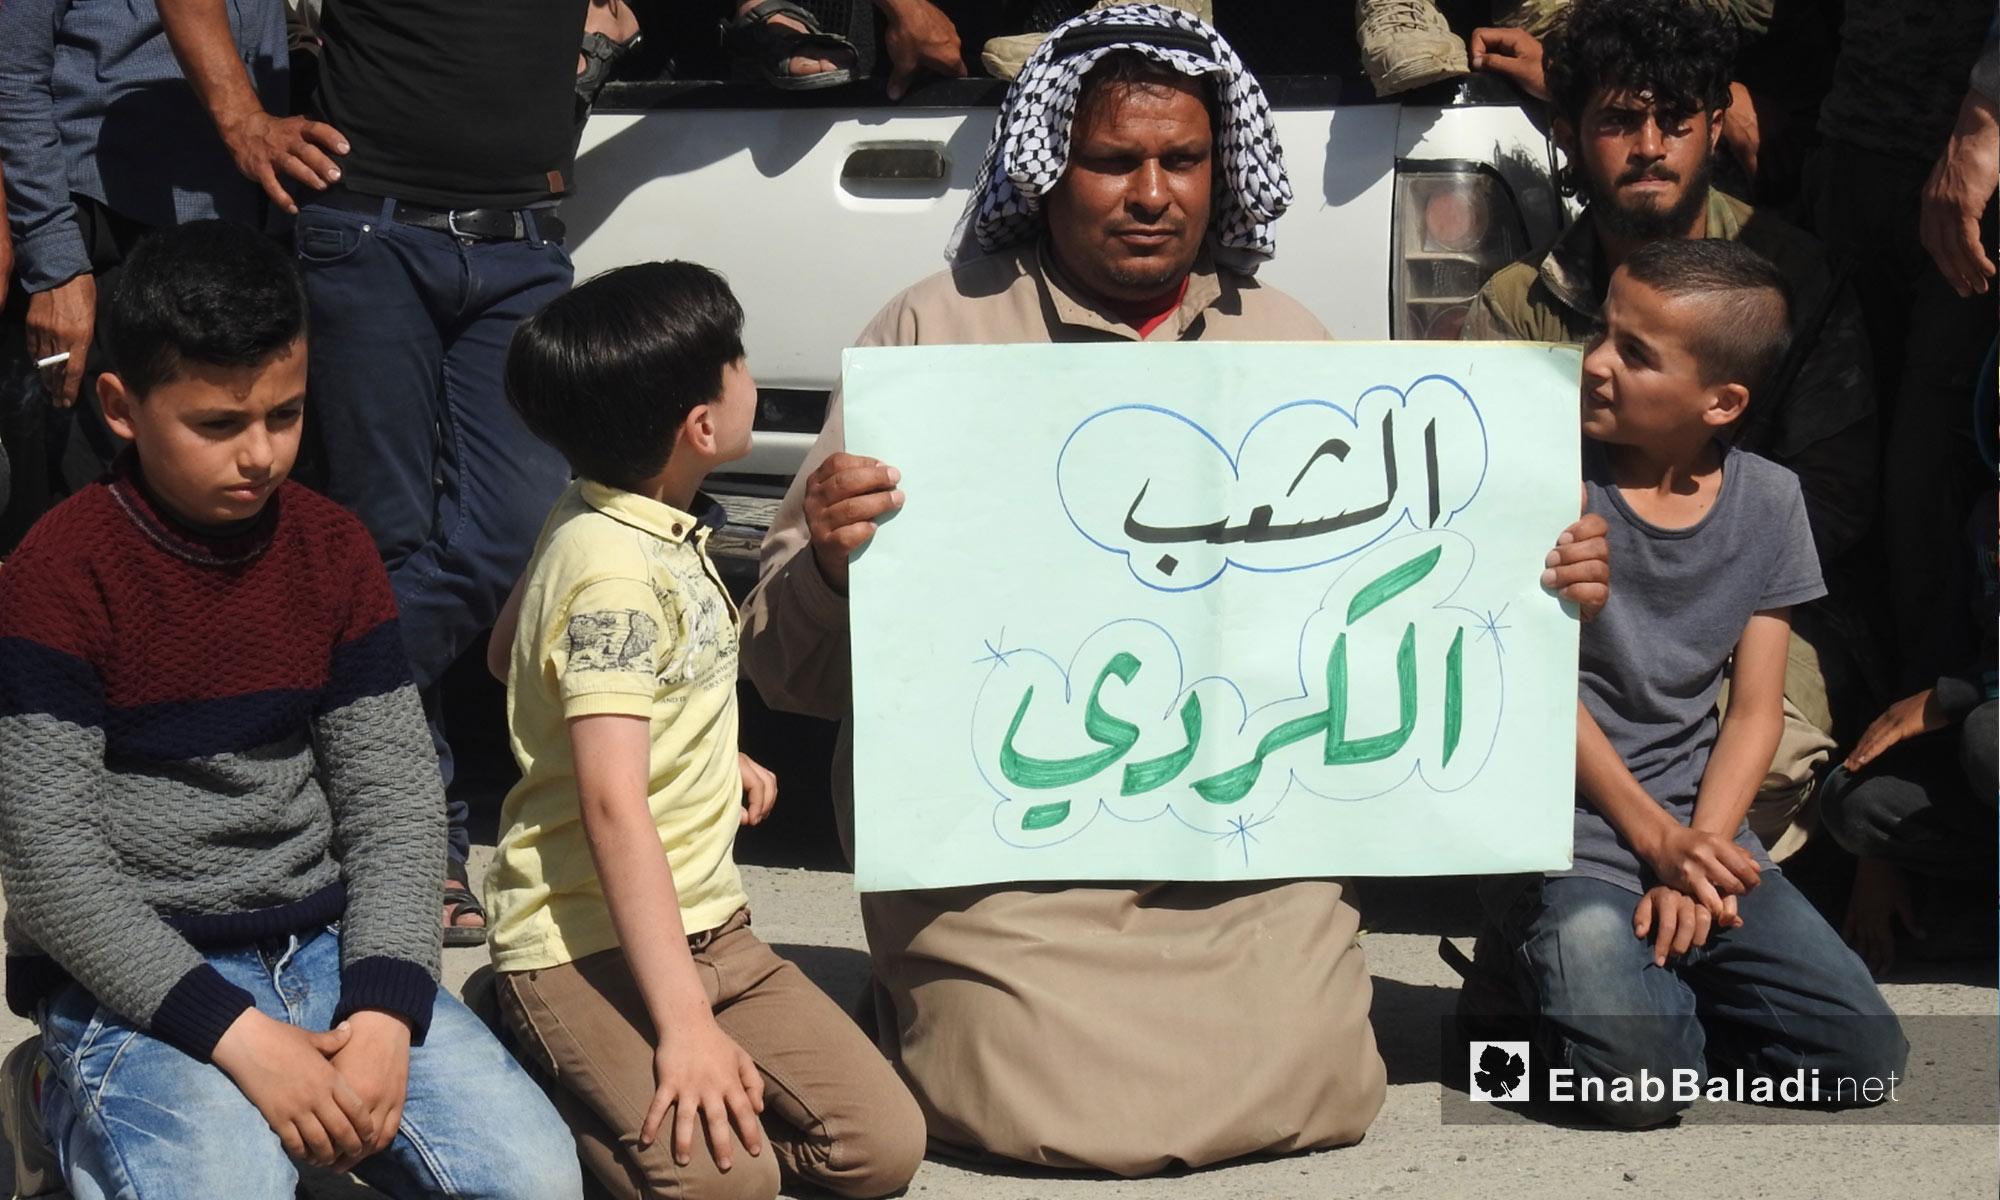 رجل يرفع لافتة خلال مظاهرات في جرابلس التحرك نحو شرق الفرات - 6 من نيسان 2018 (عنب بلدي)